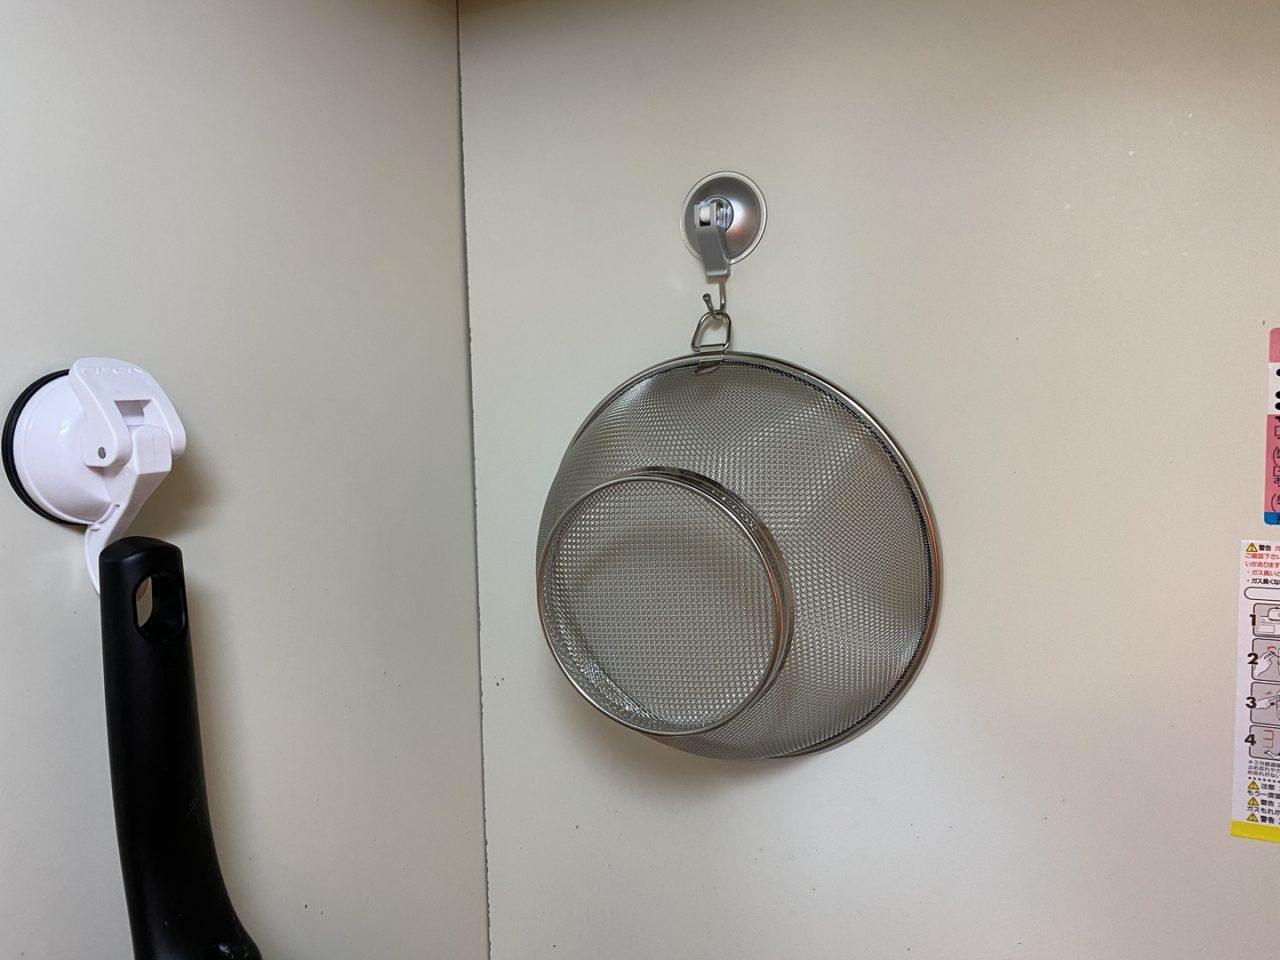 吸盤フックを使ったザルの収納方法